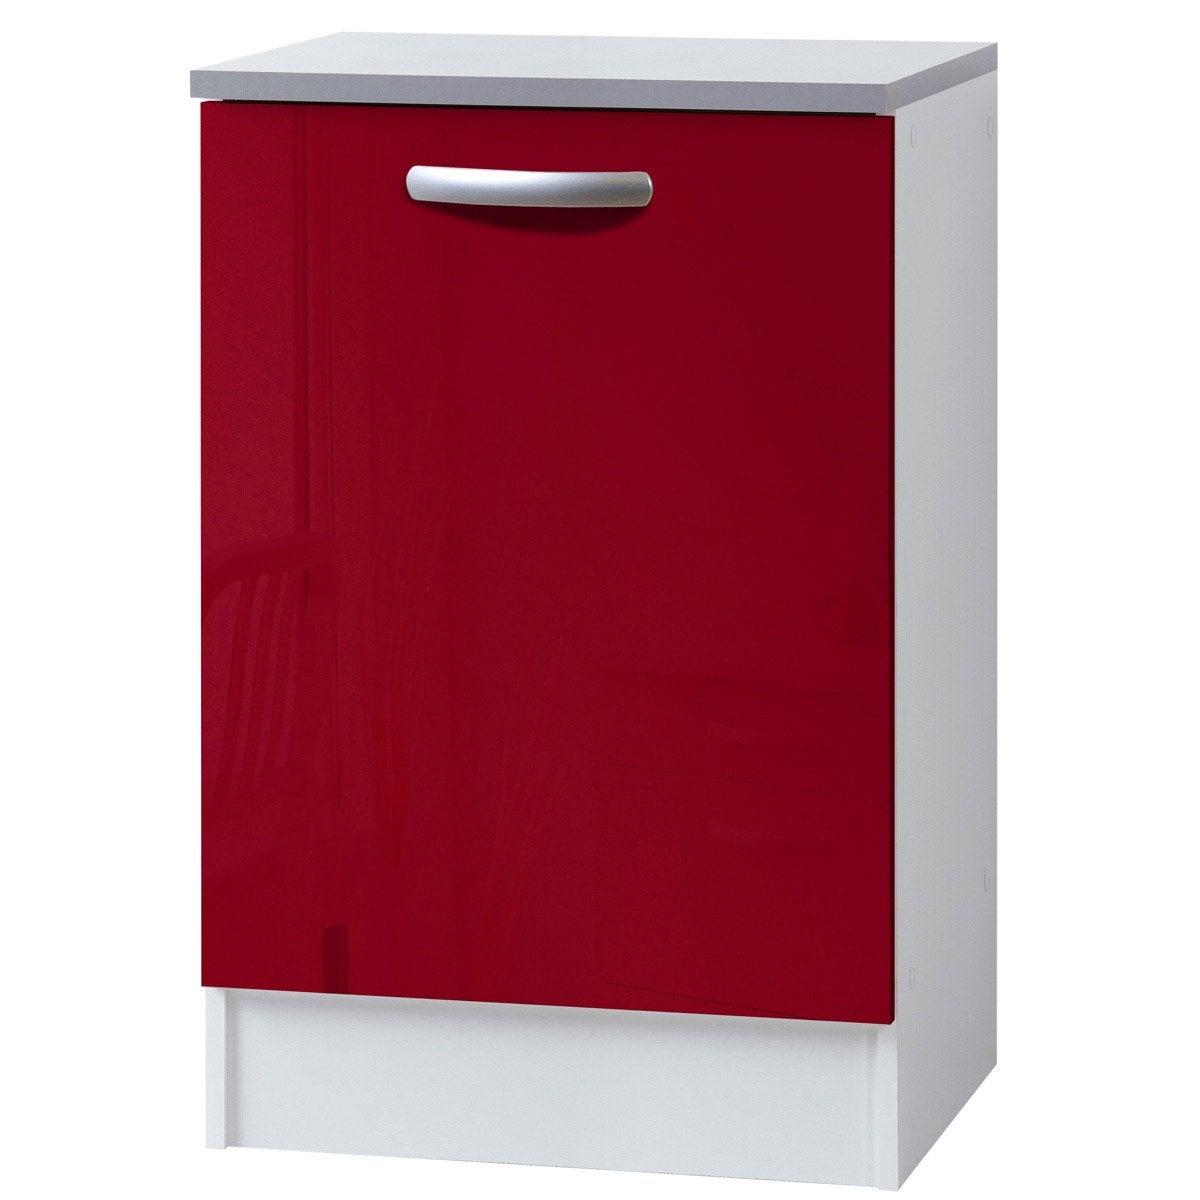 Meuble De Cuisine Bas 1 Porte Rouge Brillant H86x L60x P60cm Leroy Merlin